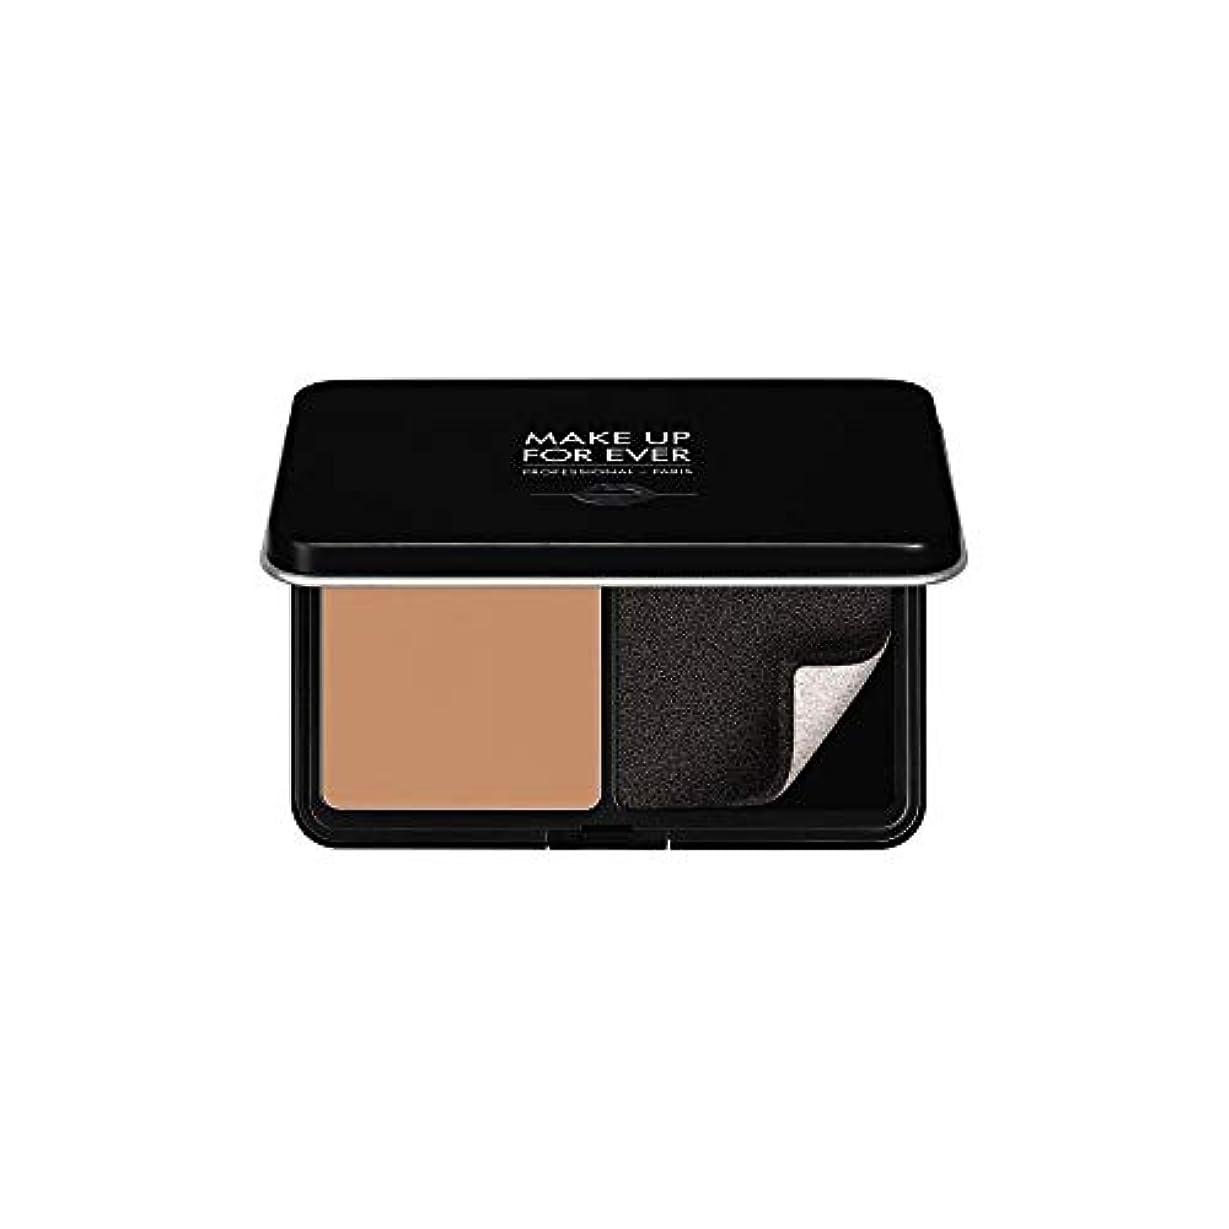 バージンマントル惑星メイクアップフォーエバー Matte Velvet Skin Blurring Powder Foundation - # R410 (Golden Beige) 11g/0.38oz並行輸入品